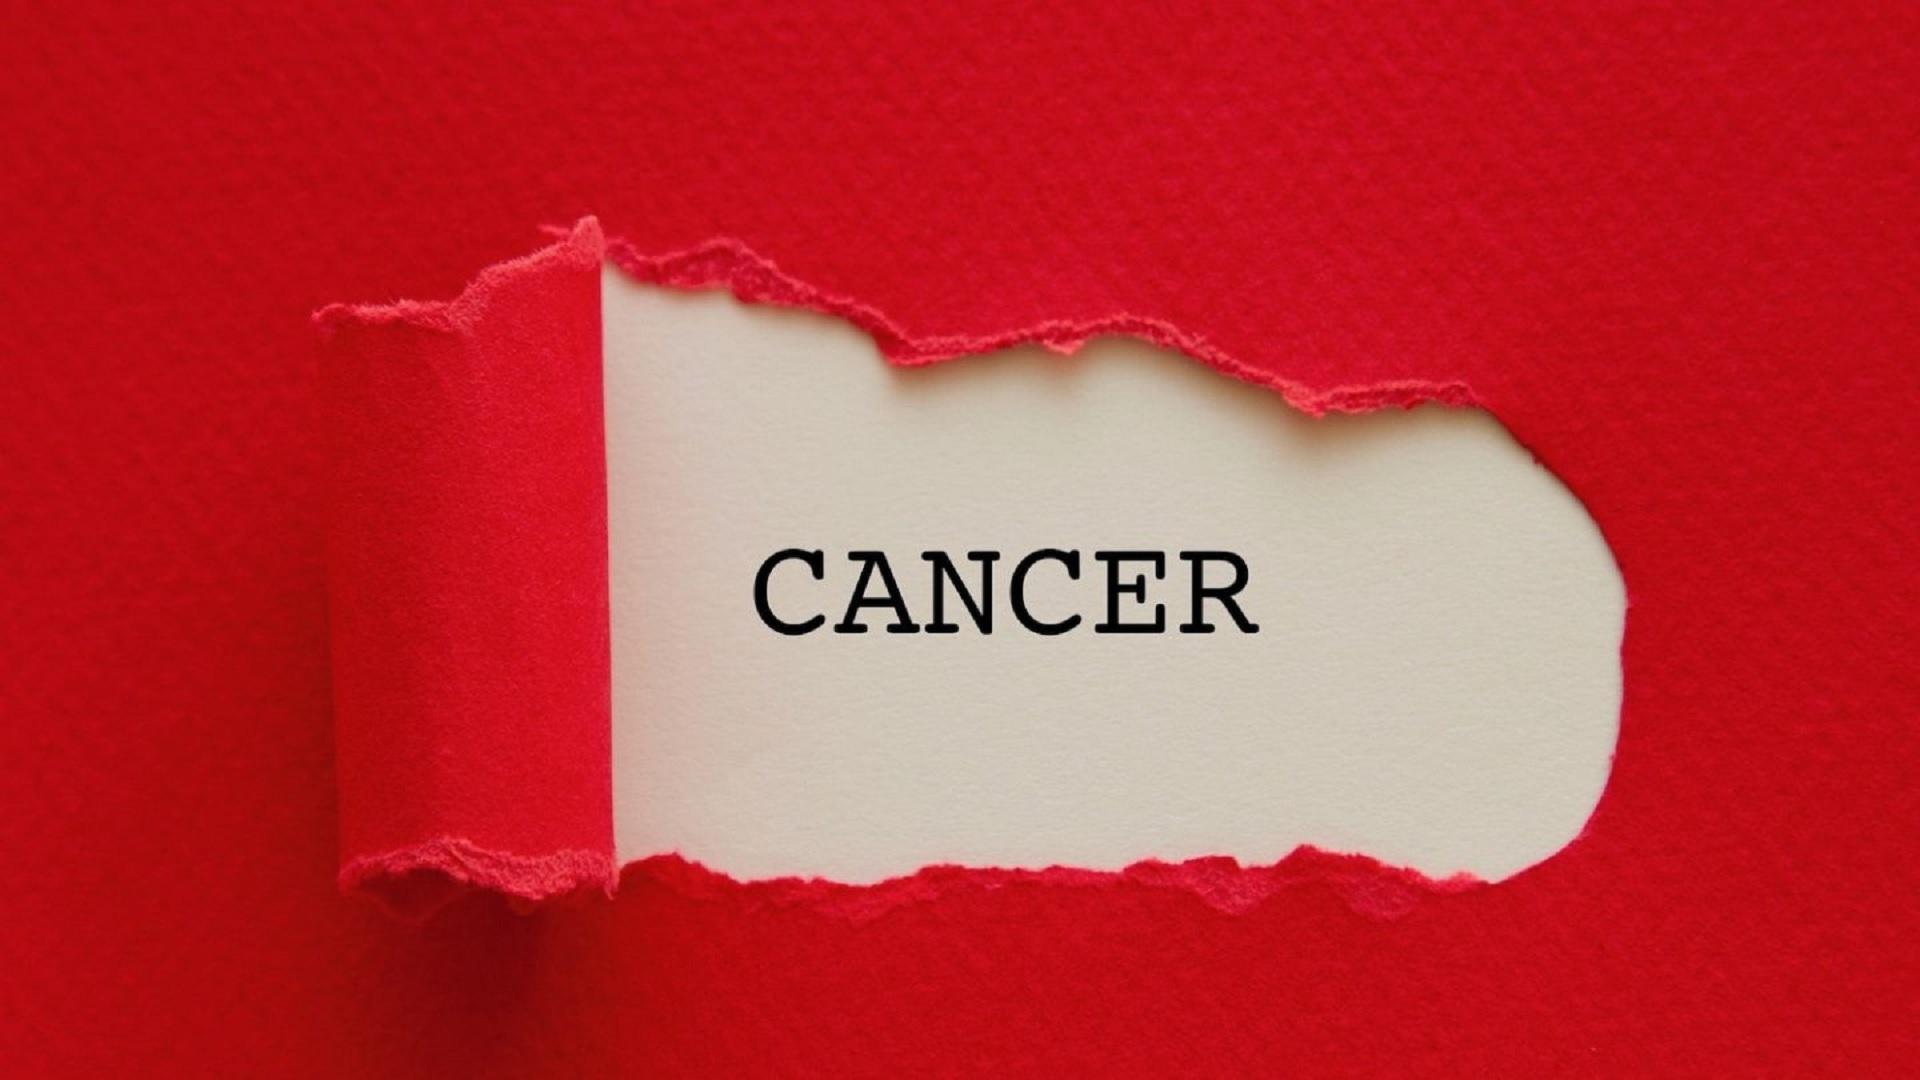 Καρκίνος προστάτη: Νέο τεστ μπορεί να αποτρέψει τη βιοψία